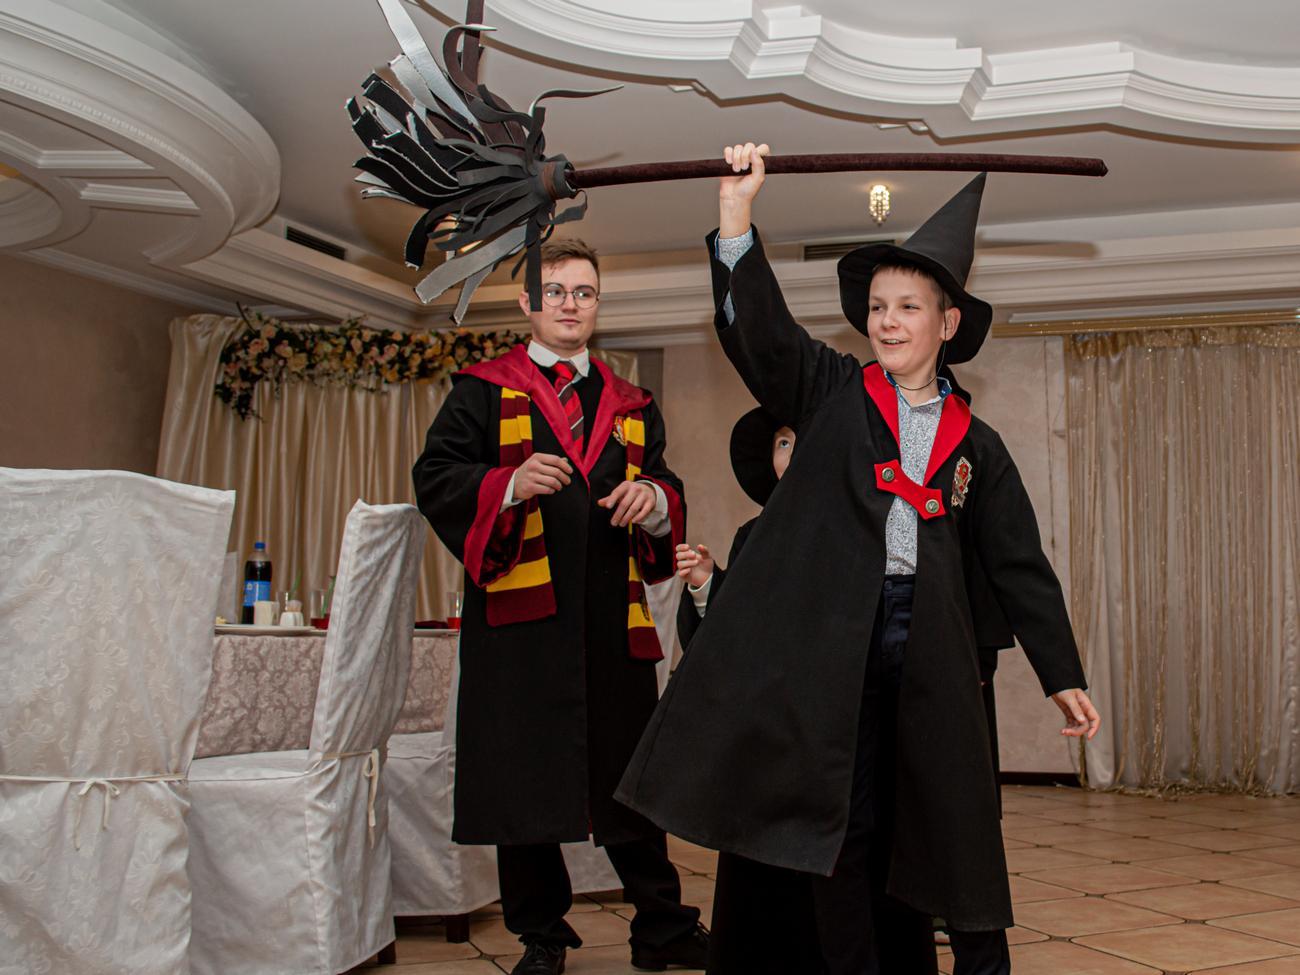 Ребенок завладел волшебной палочкой Гарри Поттера